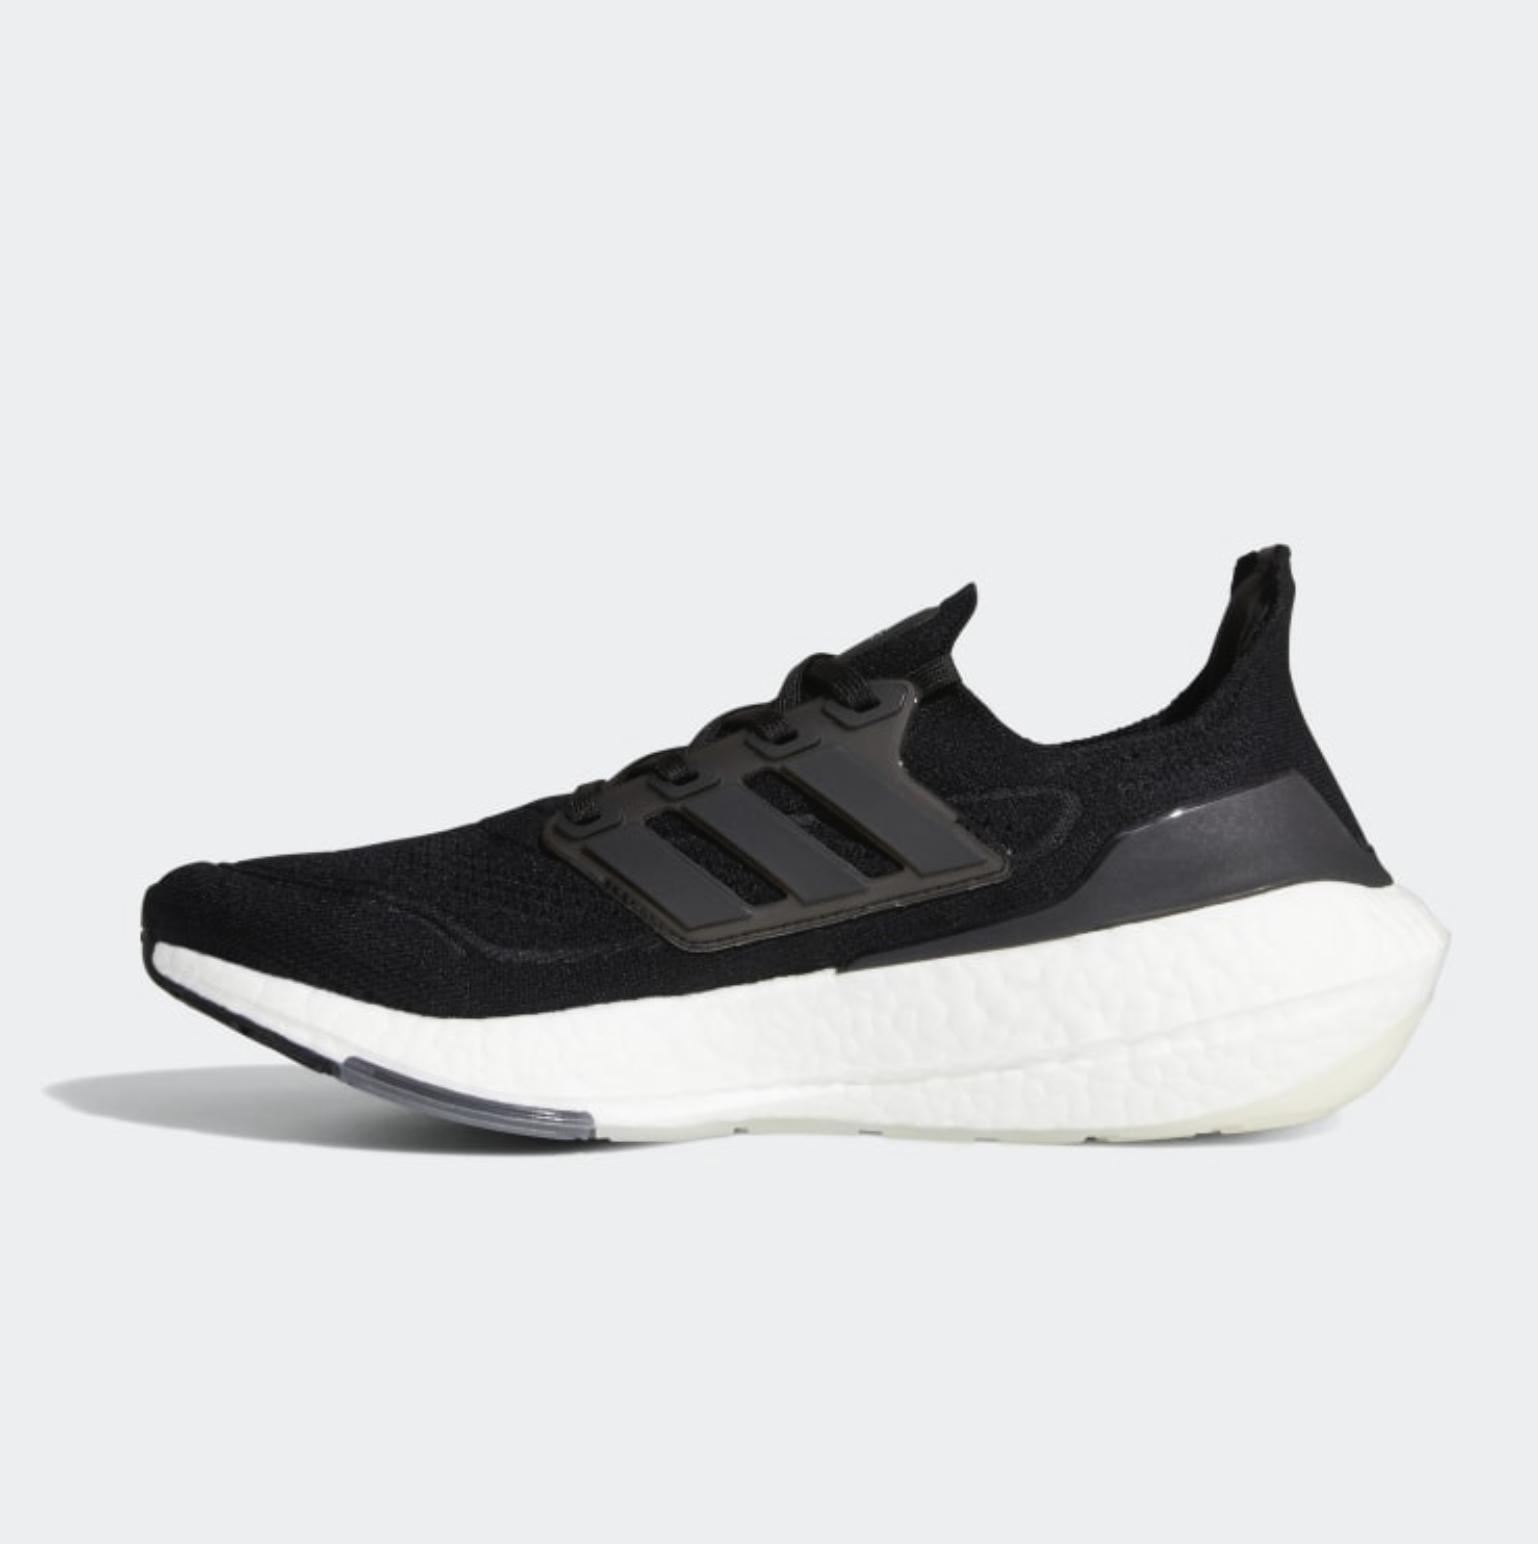 Bilde av Adidas  Ultraboost 21 FY0378